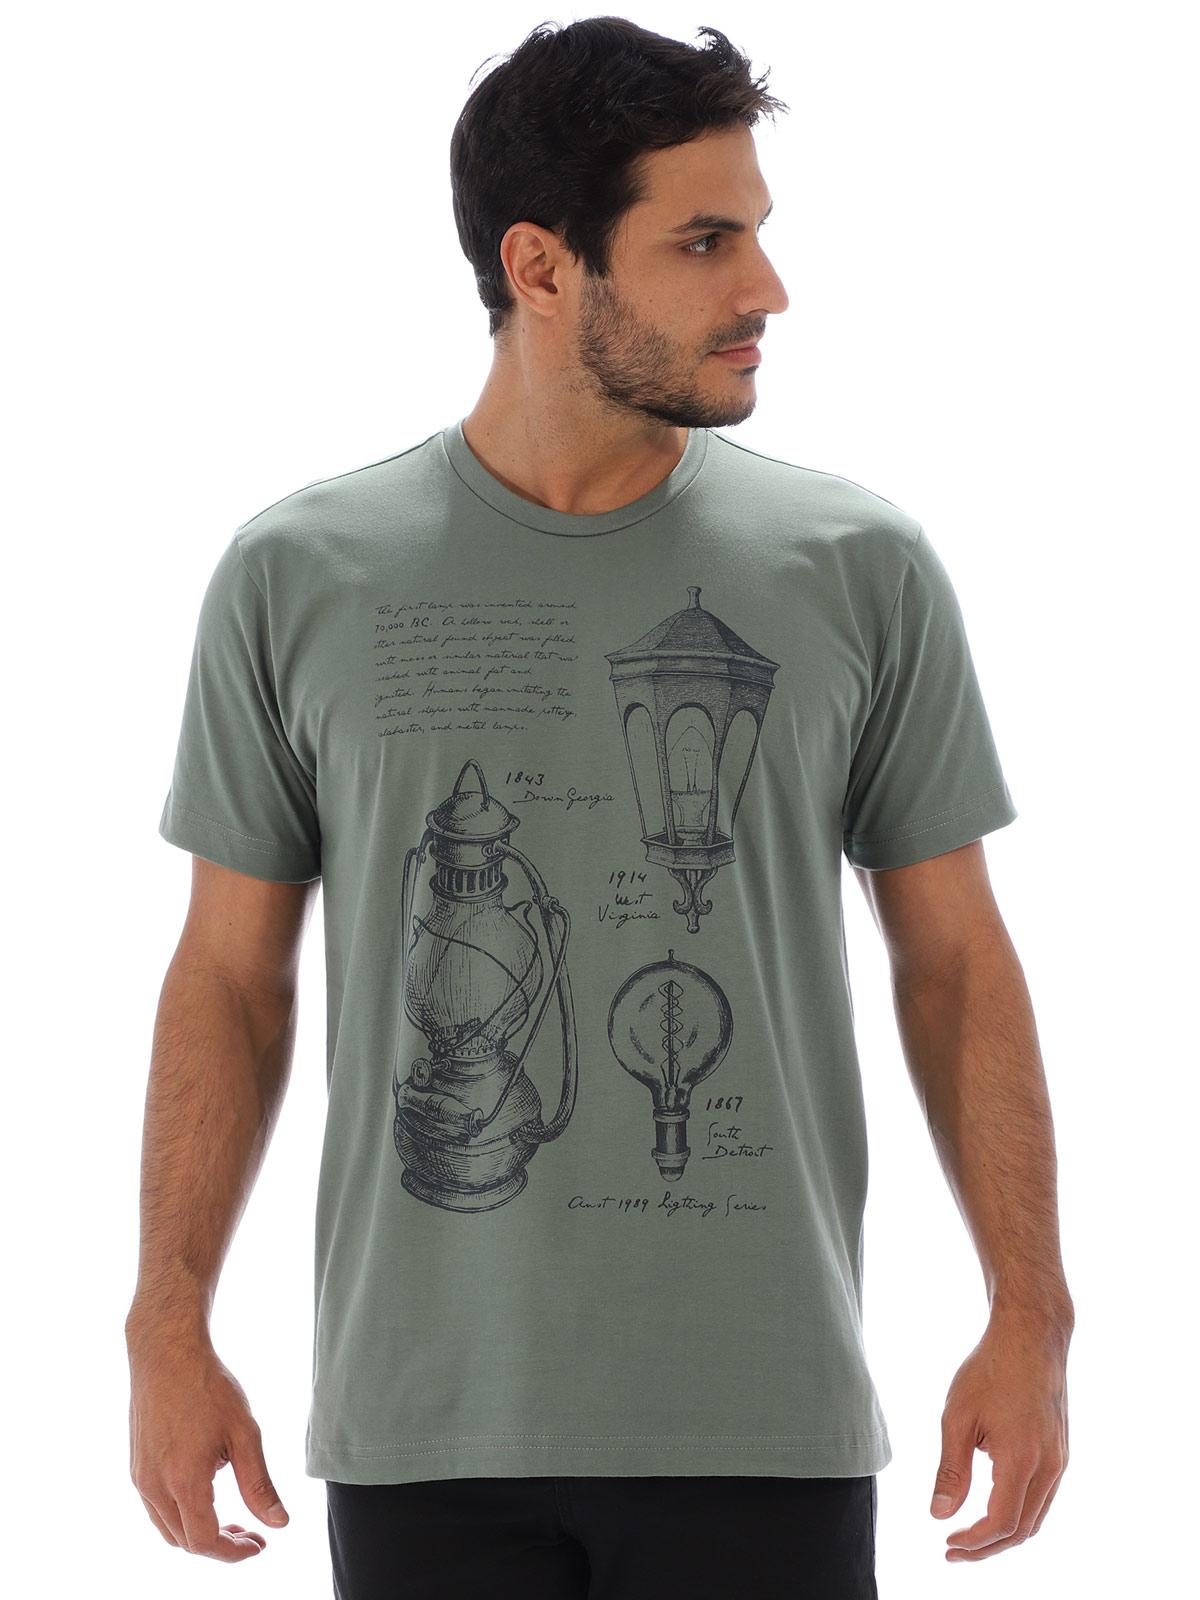 Camiseta Masculina Básica Algodão Estampa Ligths Concreto